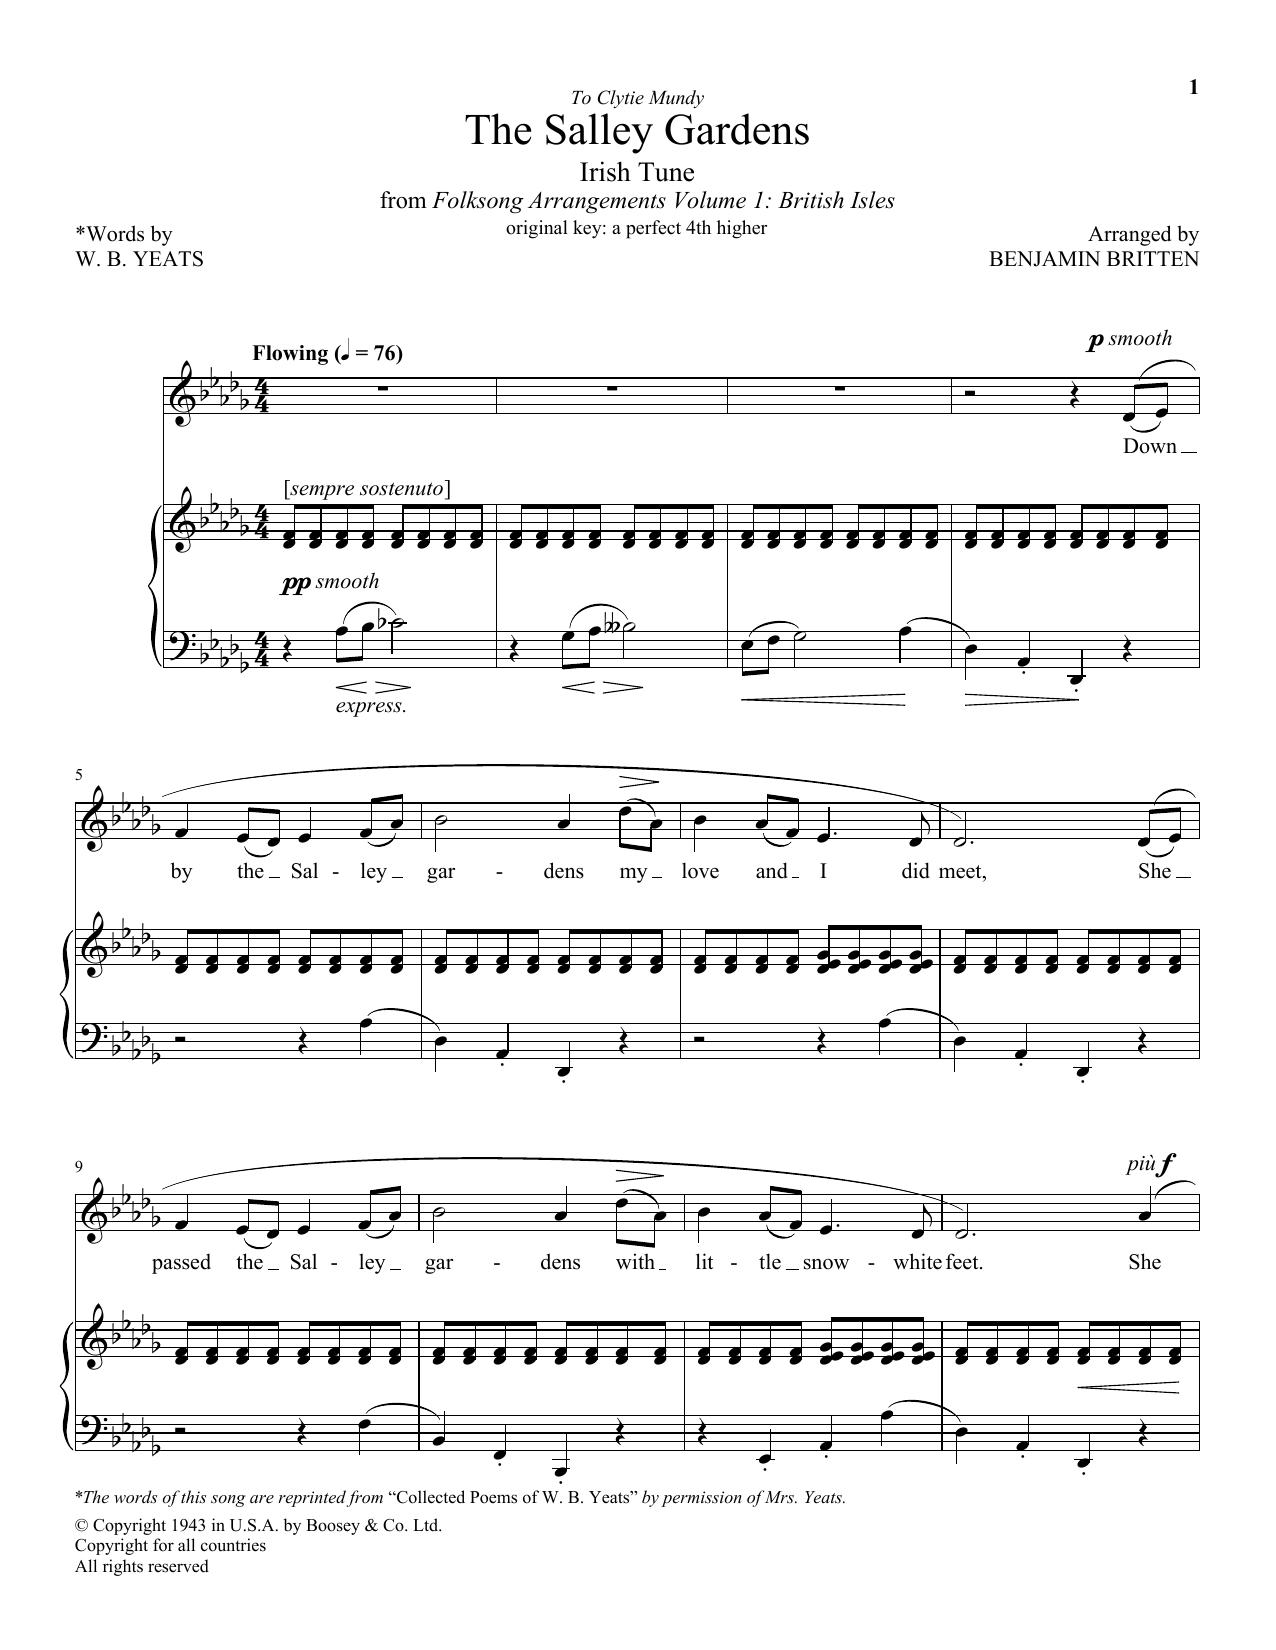 HL DDS 32840253KN5rADt8 - Down By The Salley Gardens Britten Sheet Music Pdf